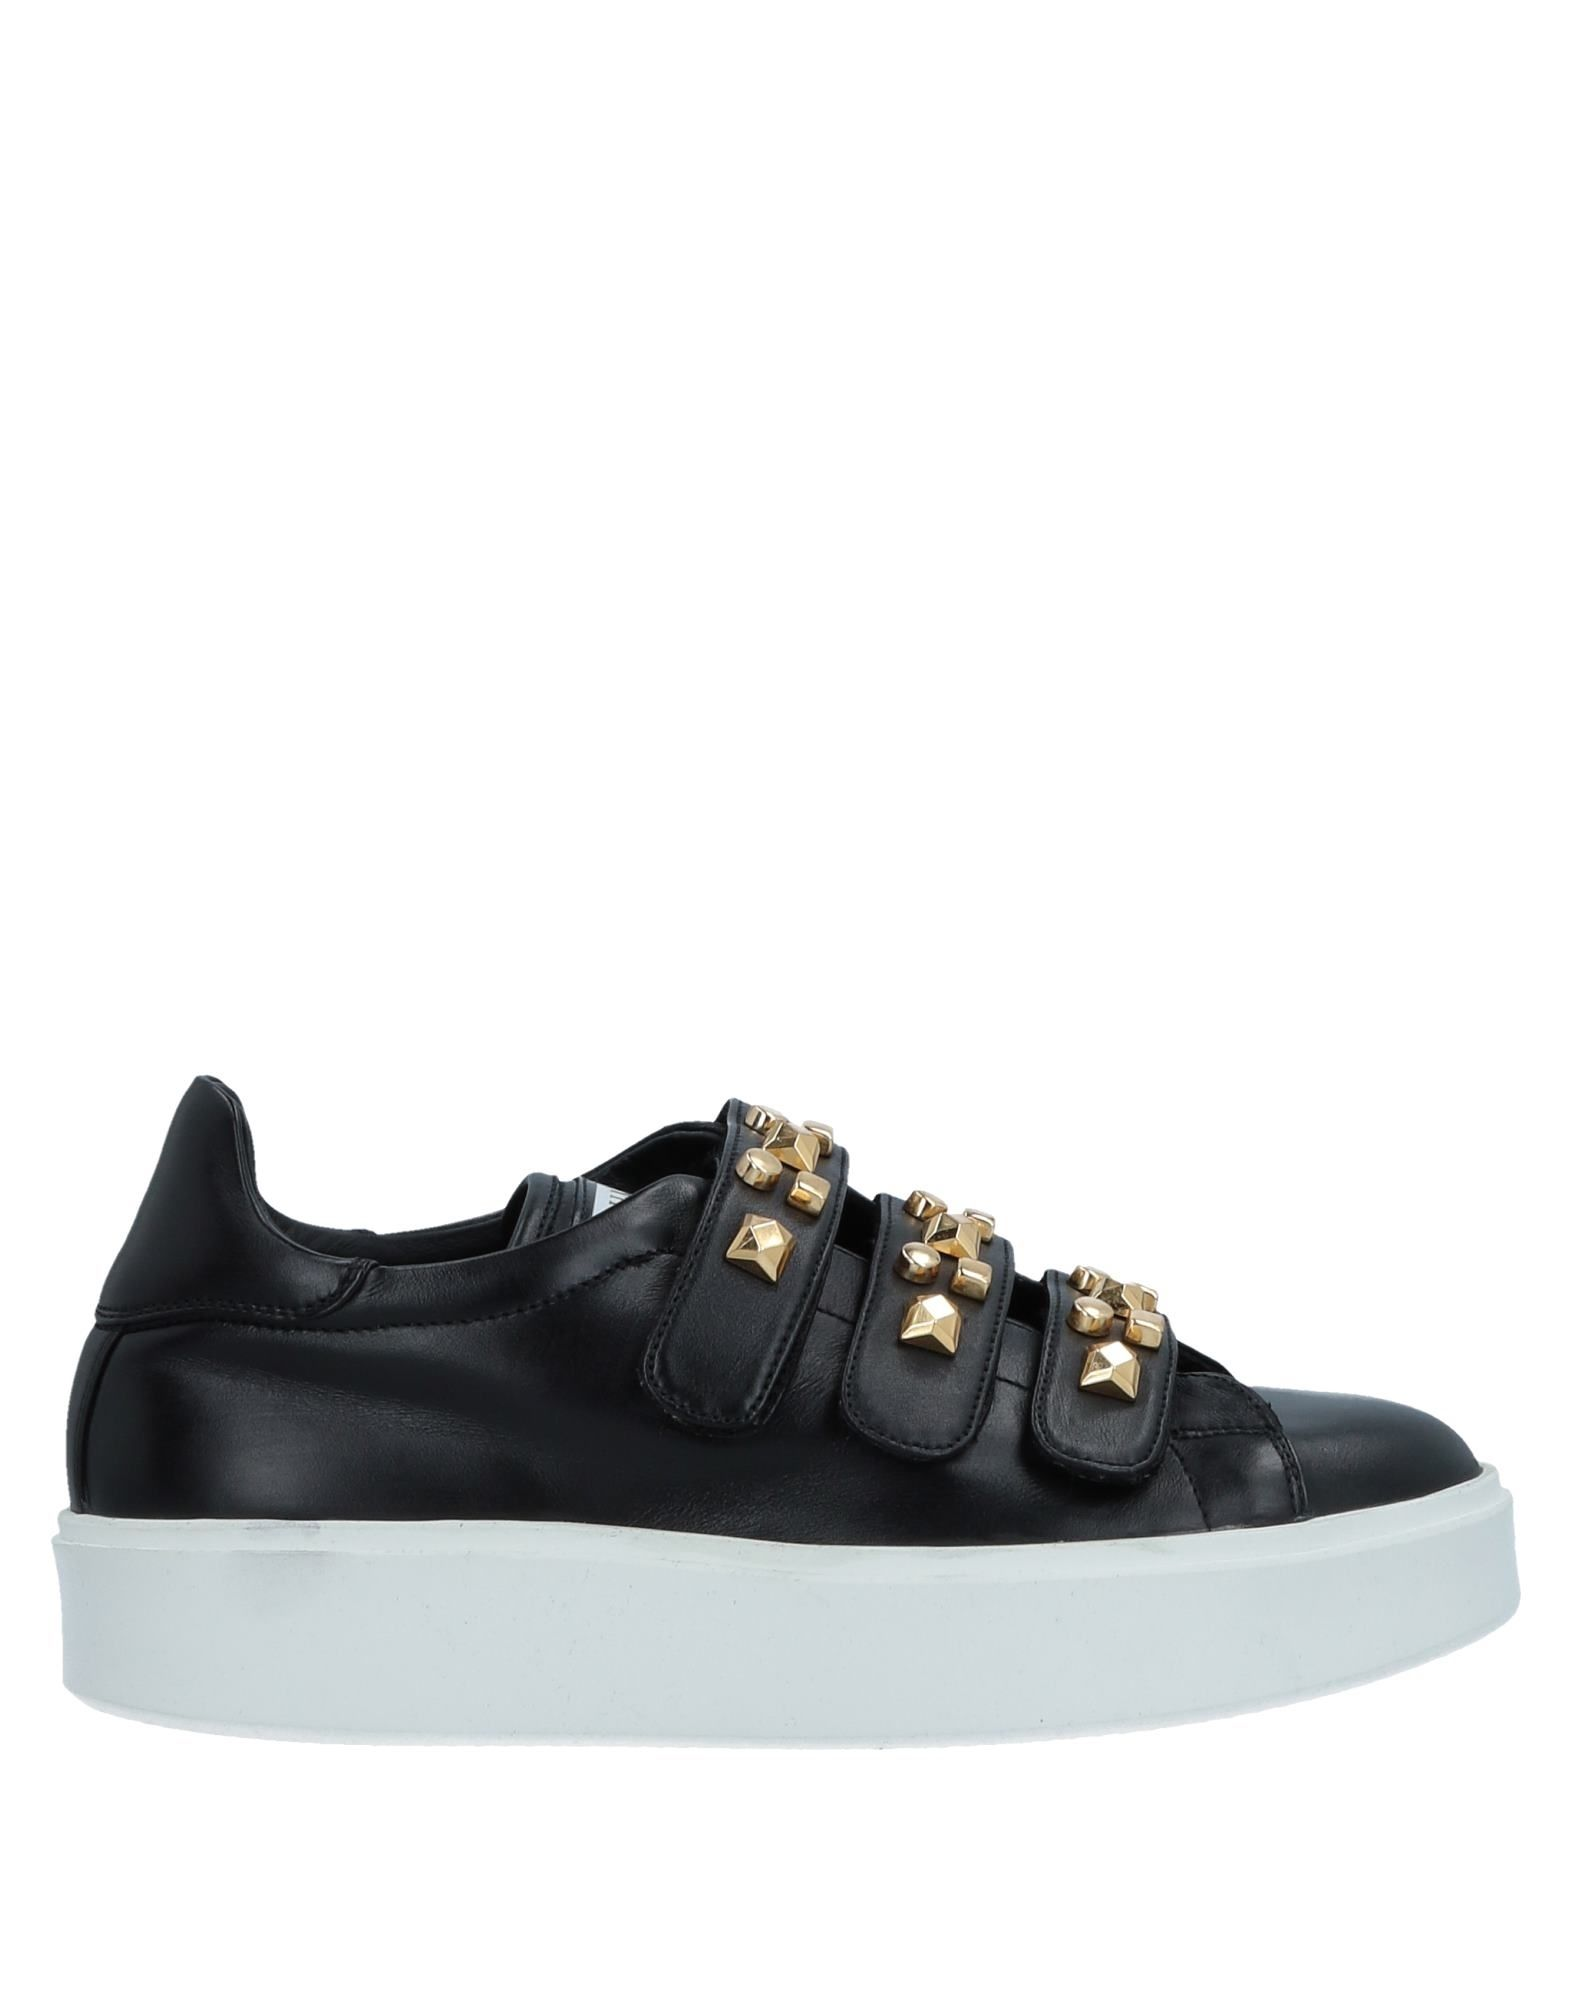 LE SILLA Sneakers in Black